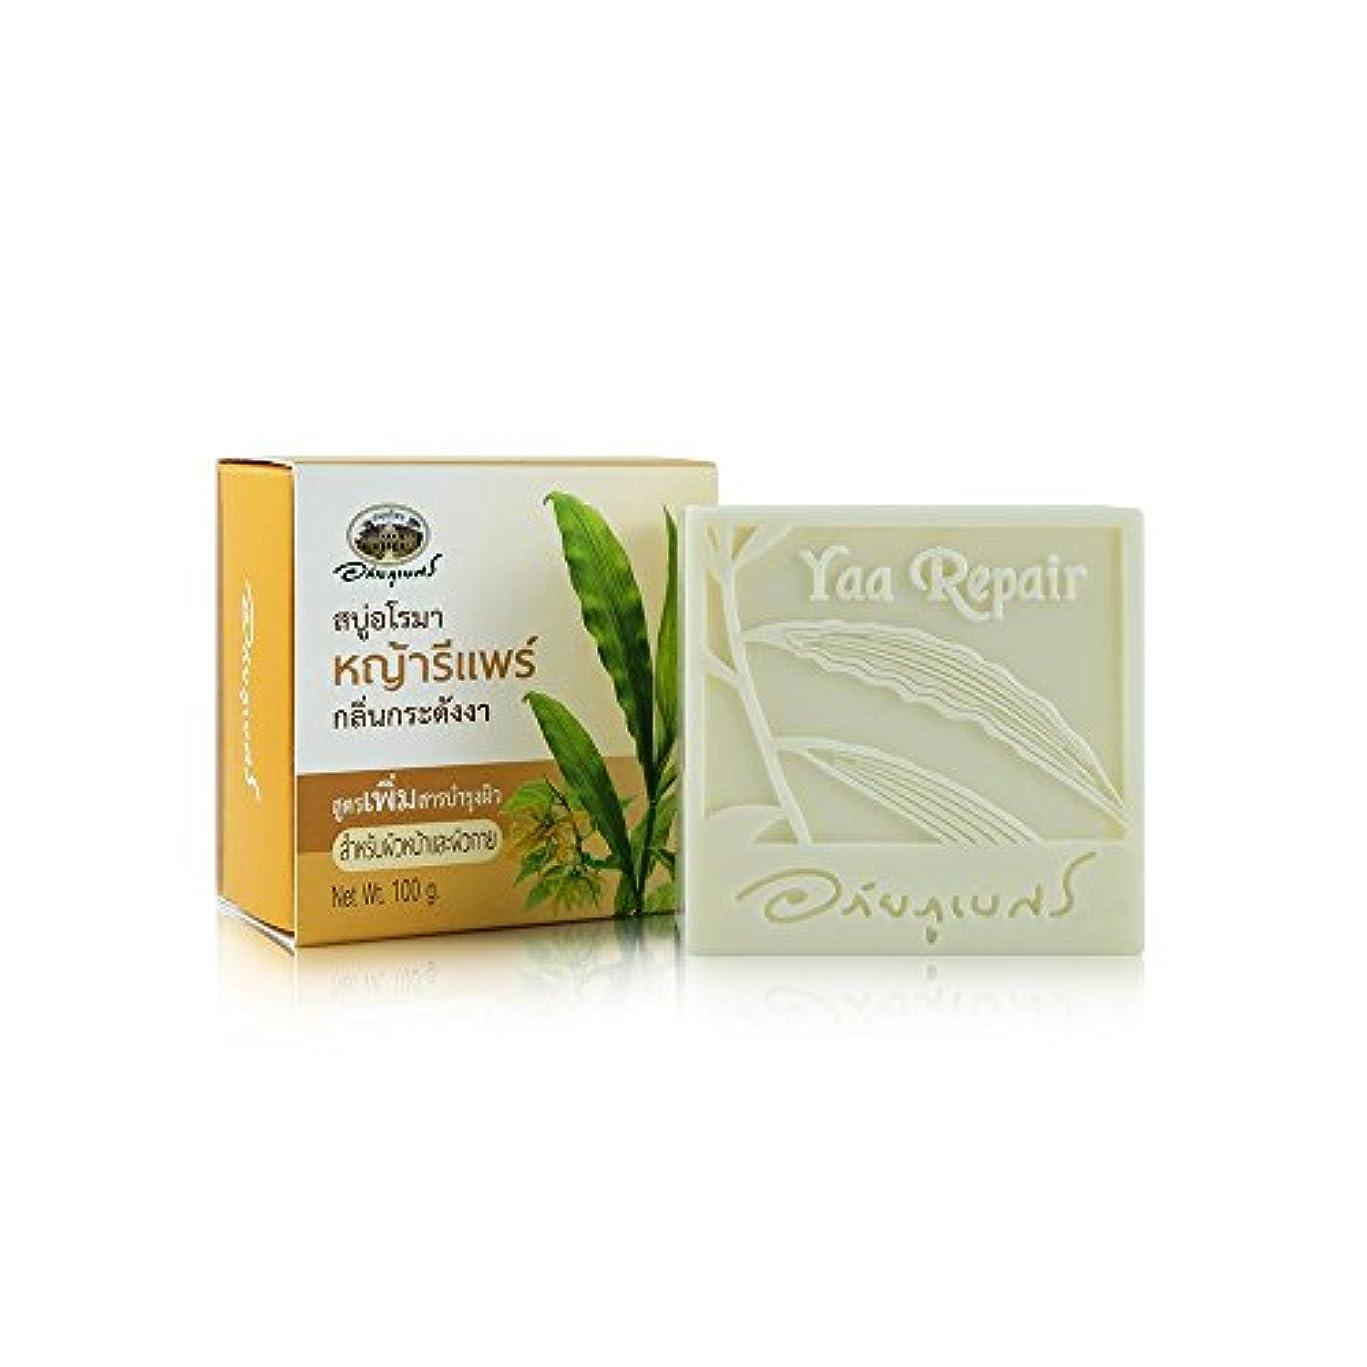 仕事に行くテレビ局事業内容Abhaibhubejhr Thai Aromatherapy With Ylang Ylang Skin Care Formula Herbal Body Face Cleaning Soap 100g.